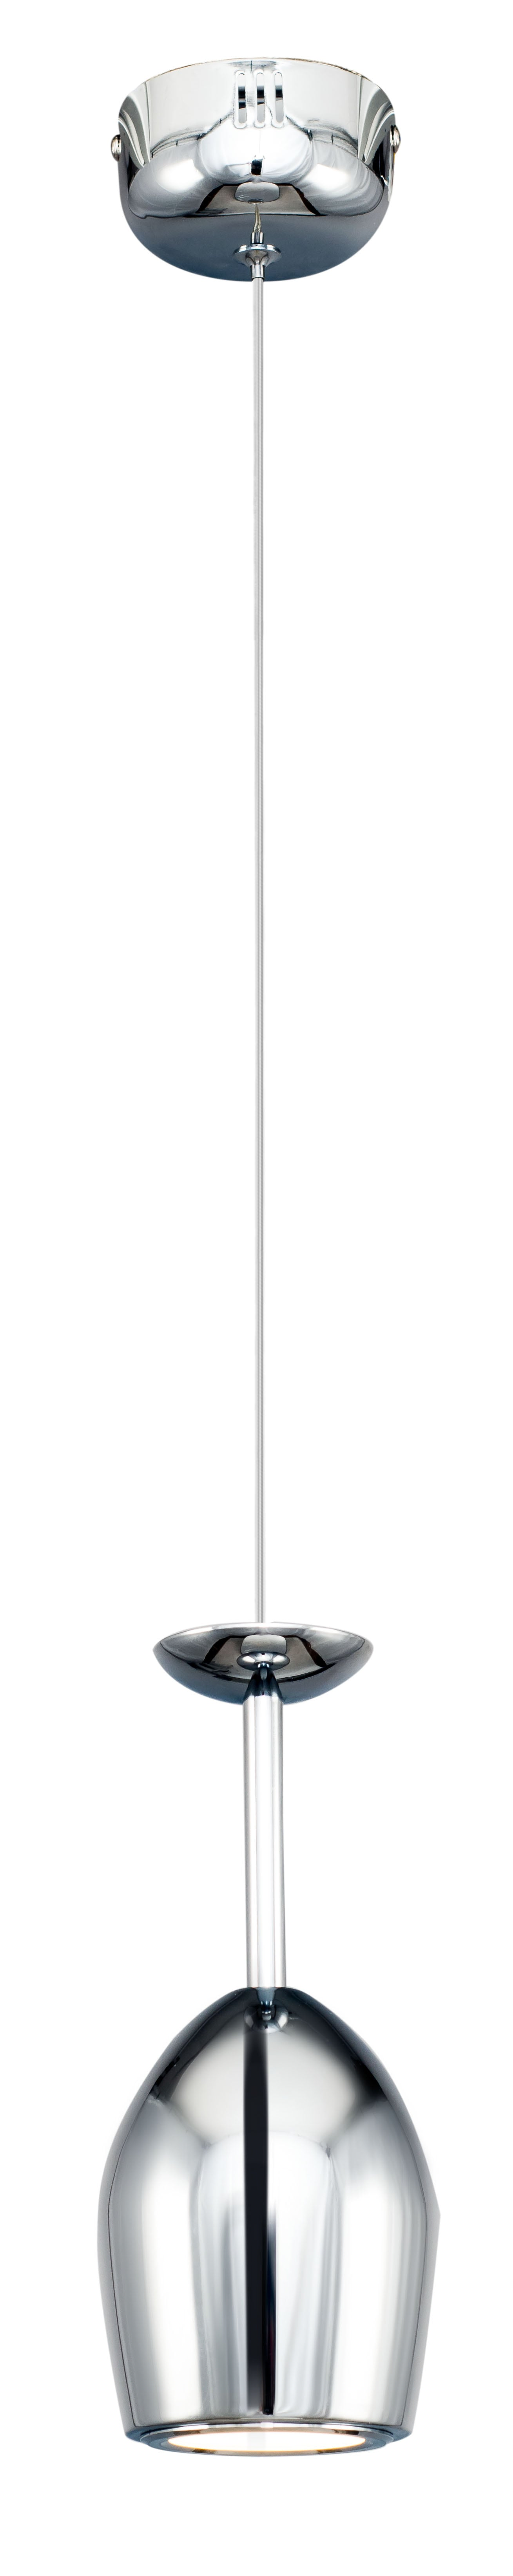 Moderní LED závěsná lampa Merlot chrom LED 5W